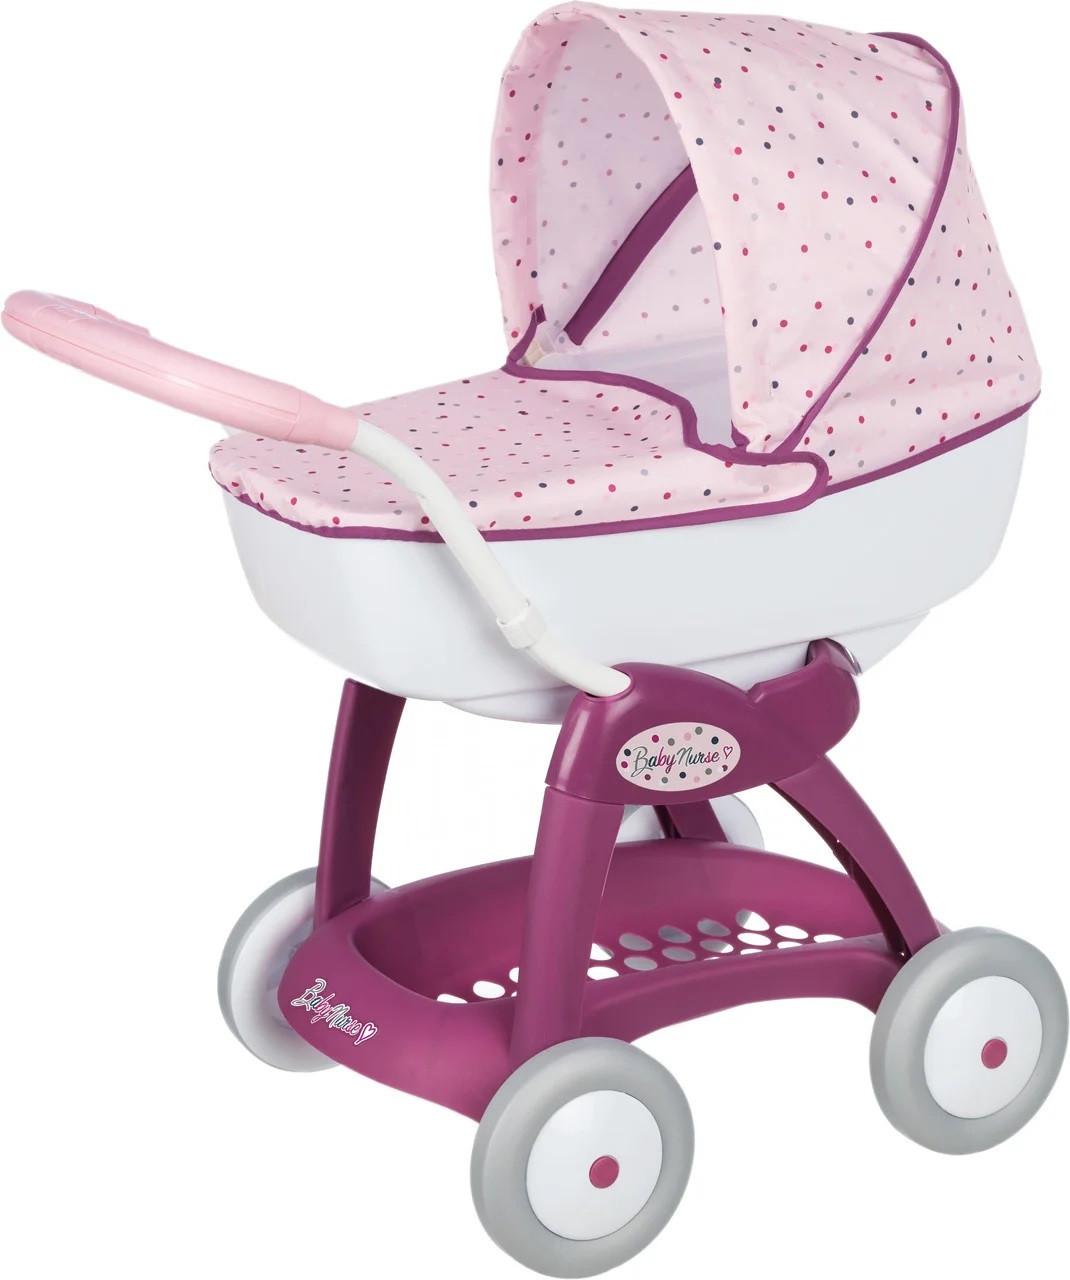 Детская коляска для кукол Прованс Классик Smoby Baby Nurse 251103 люлька с корзиной